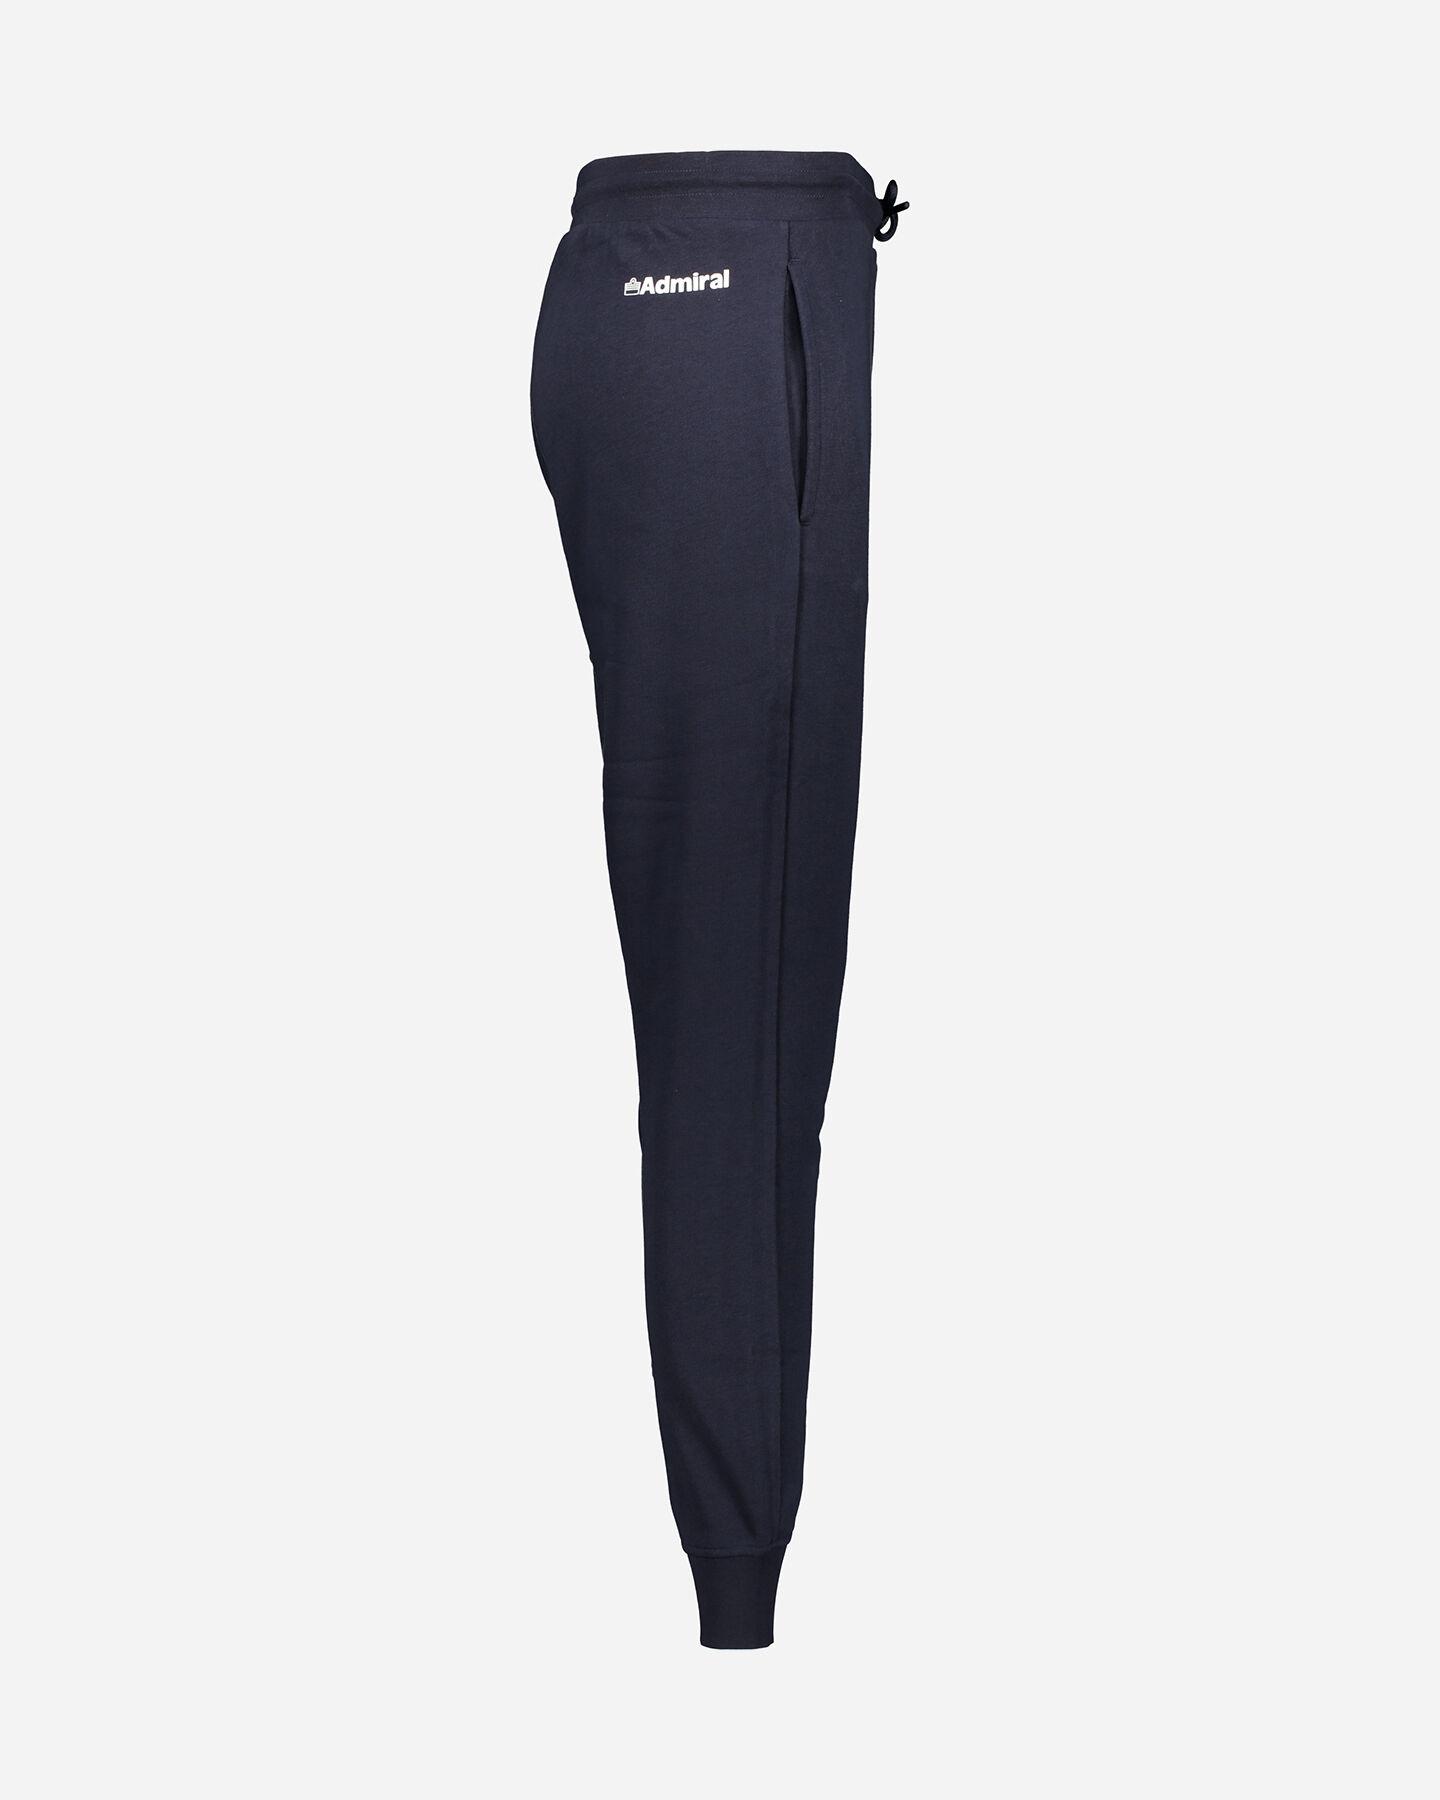 Pantalone ADMIRAL CLASSIC W S4087720 scatto 1